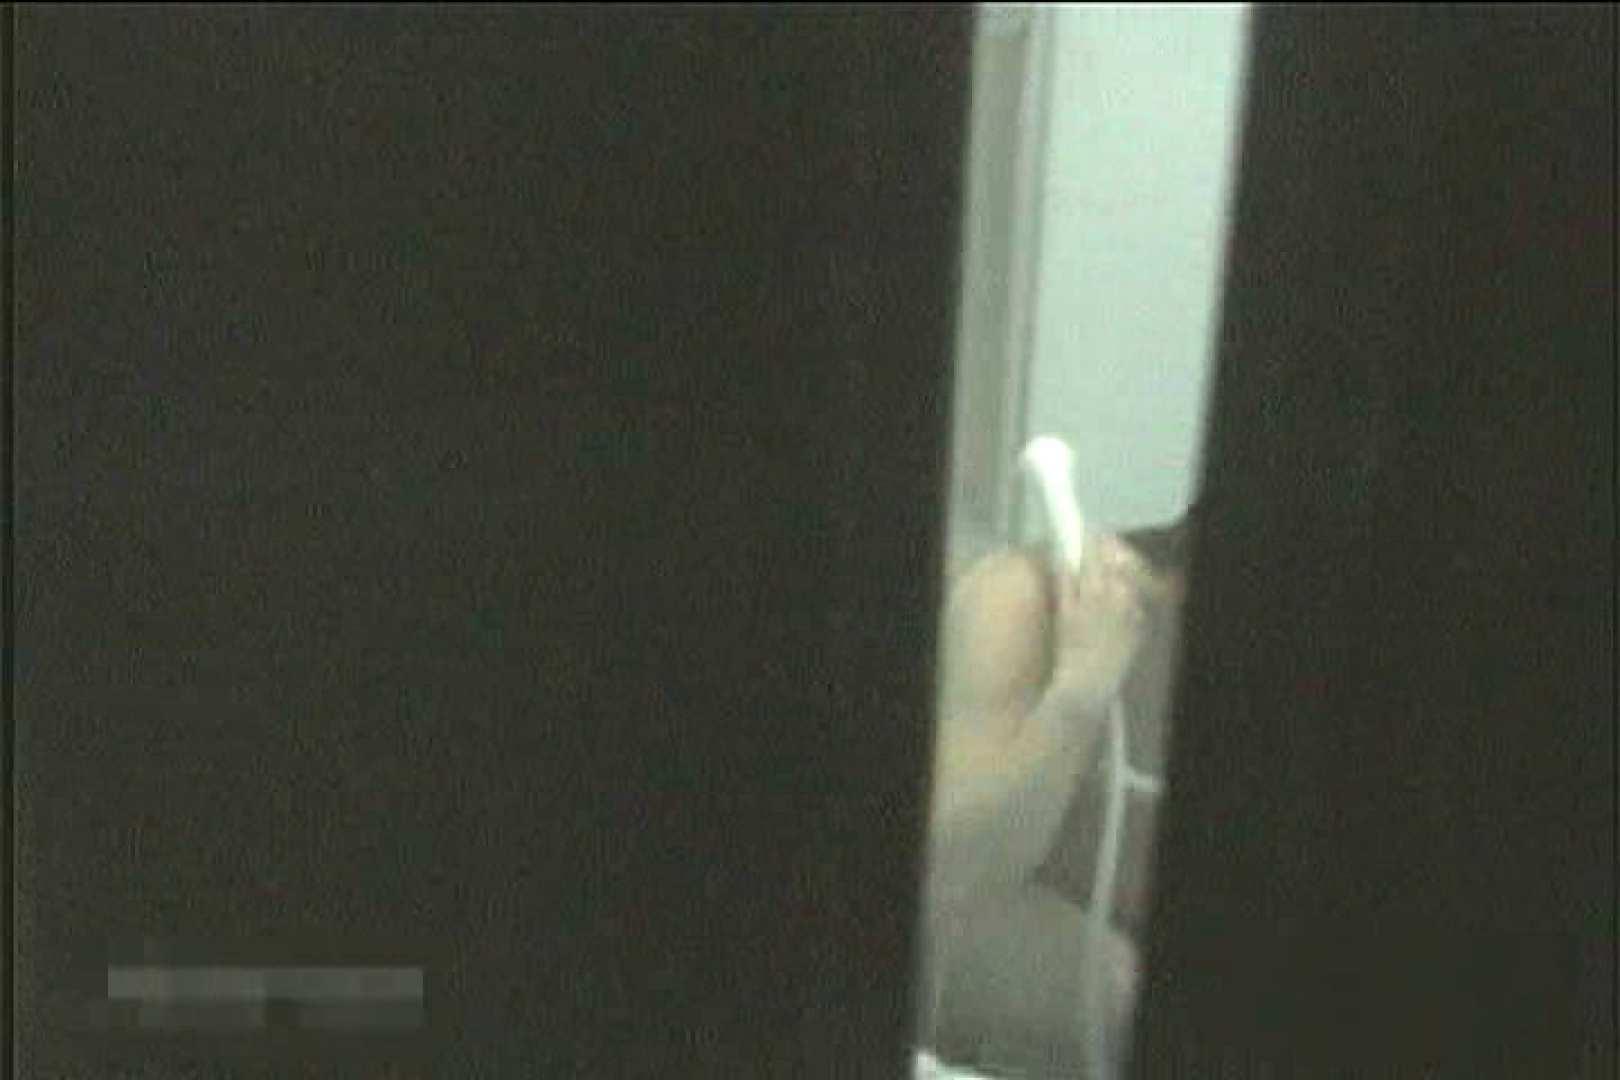 激撮ストーカー記録あなたのお宅拝見しますVol.7 セックス流出映像 濡れ場動画紹介 86連発 2